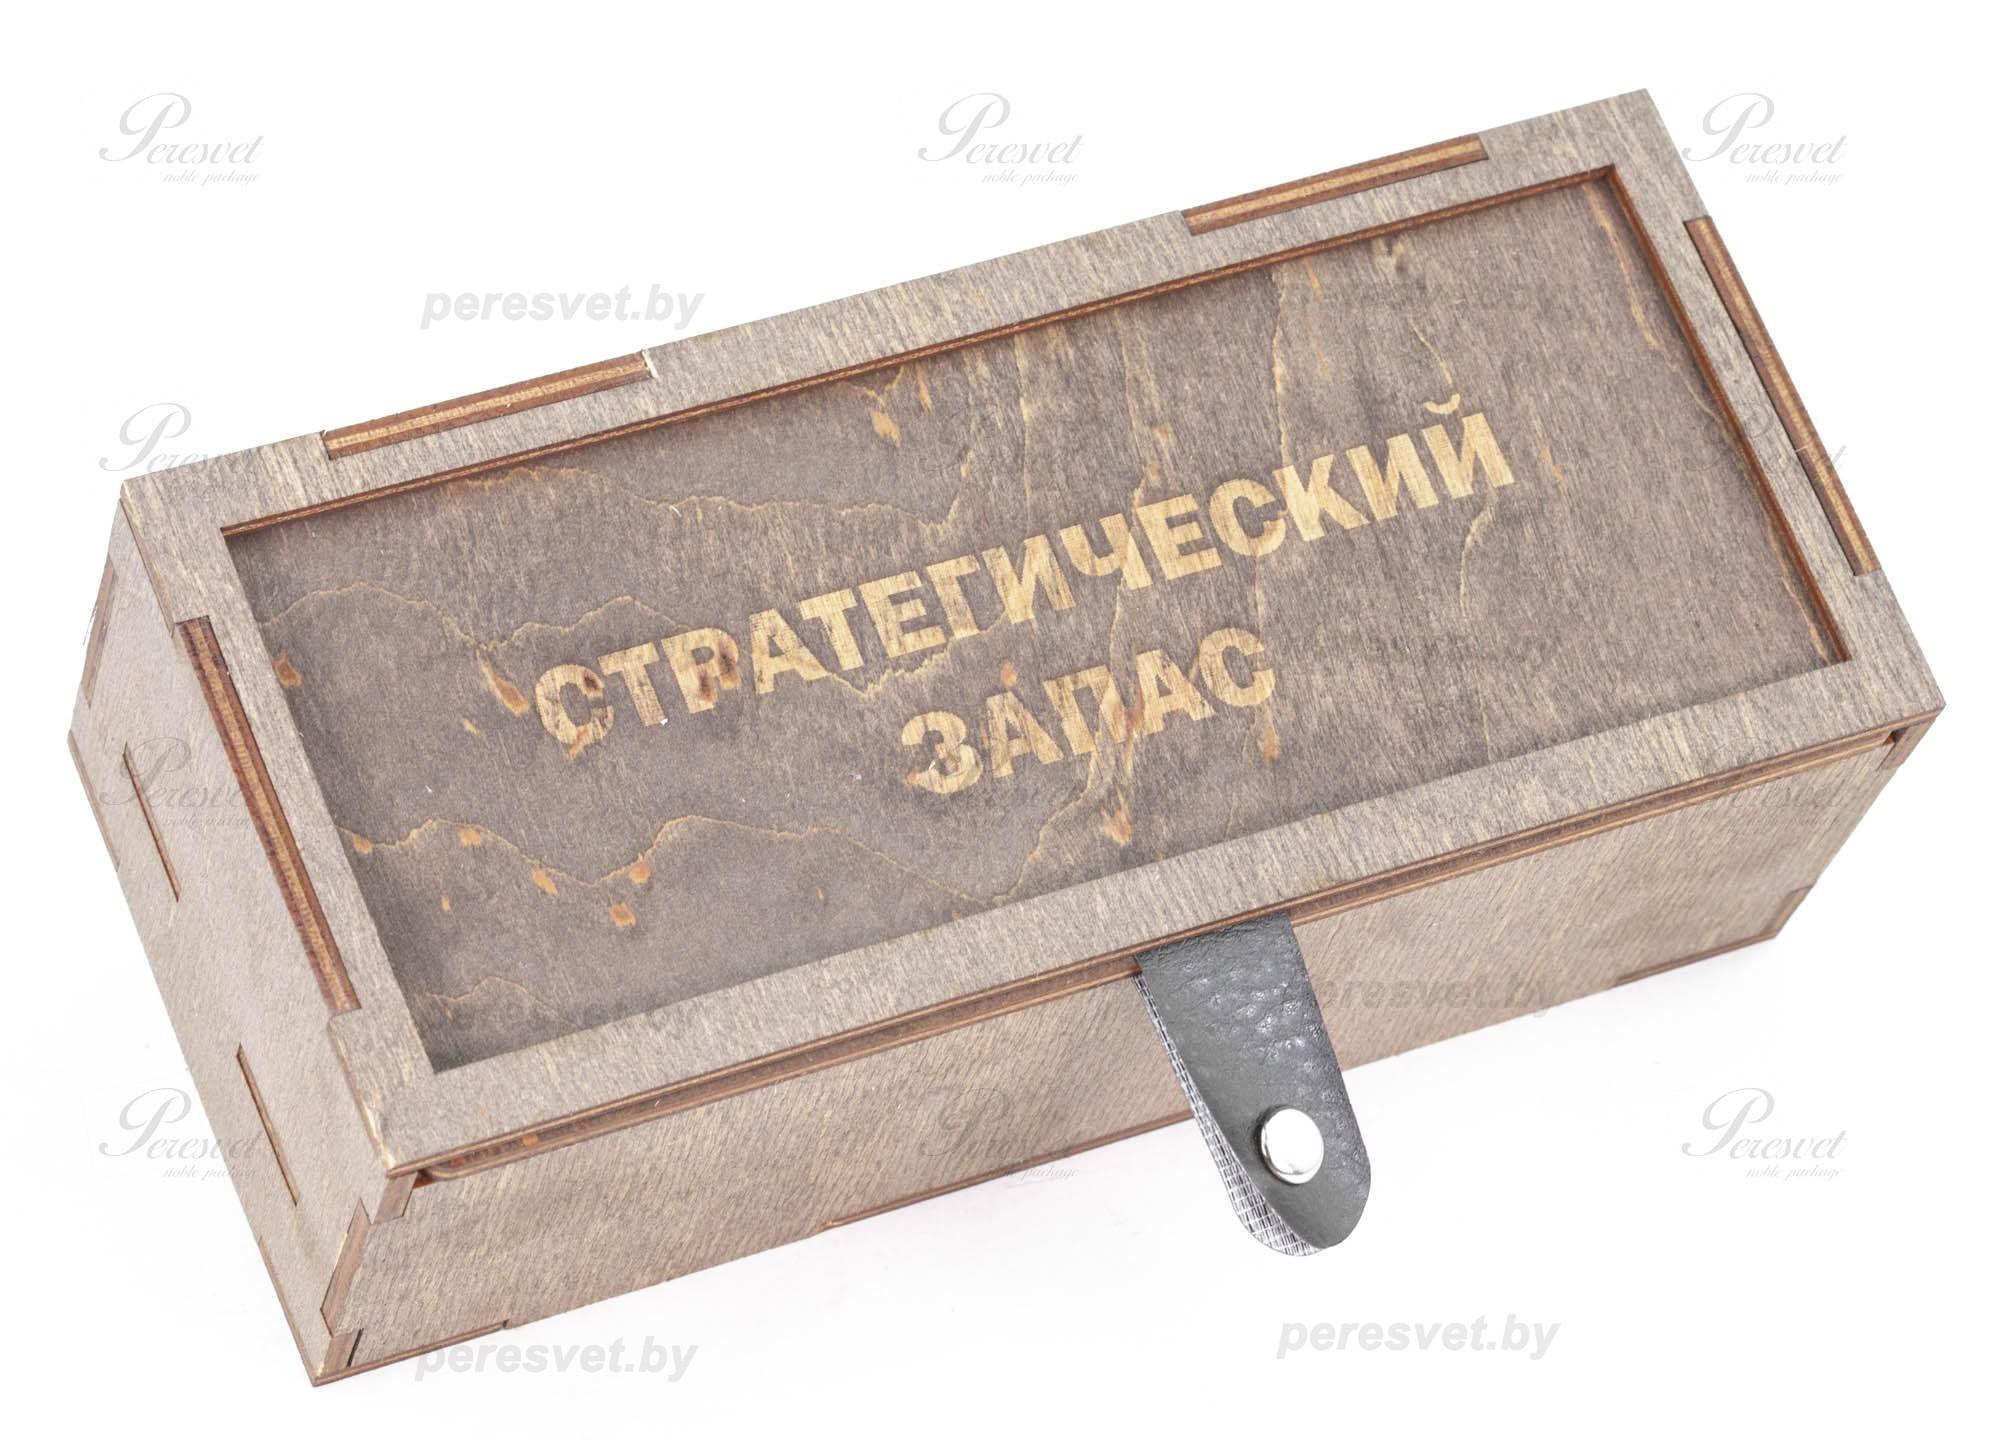 Подарочный набор для мужчин Стратегический запас №1-1 на peresvet.by